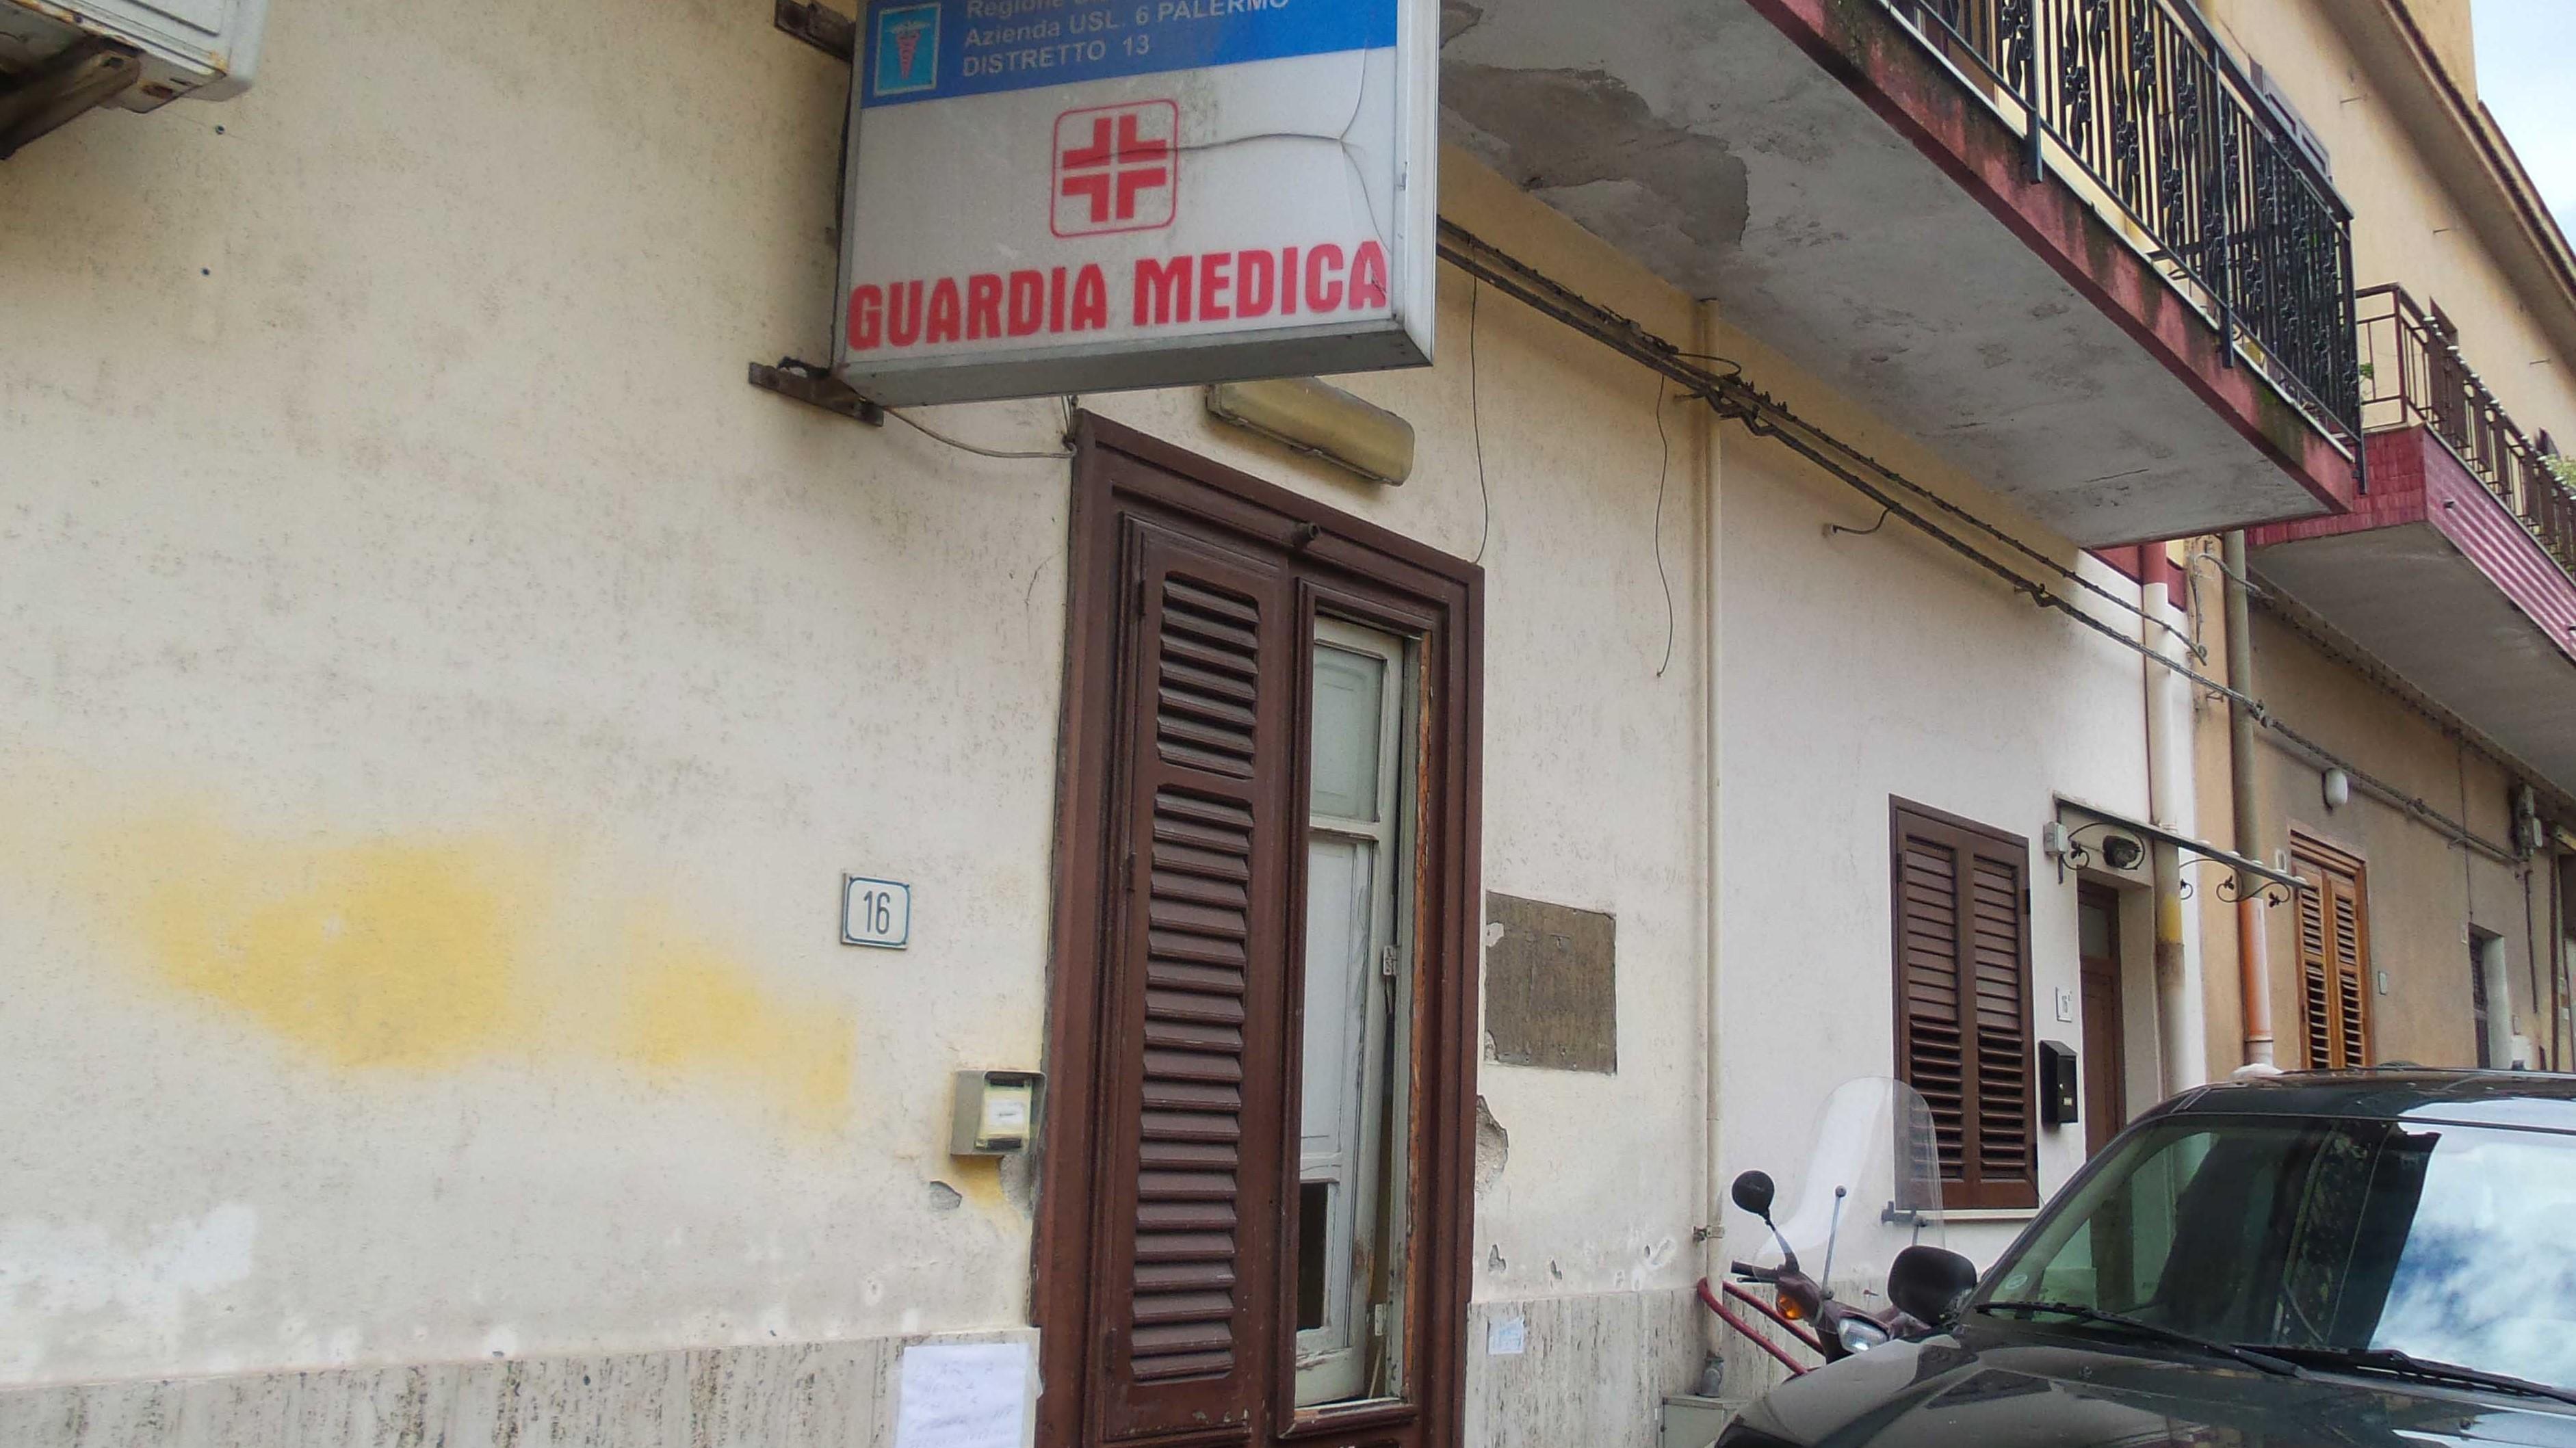 Violentata dottoressa in guardia medica, arrestato 26 enne